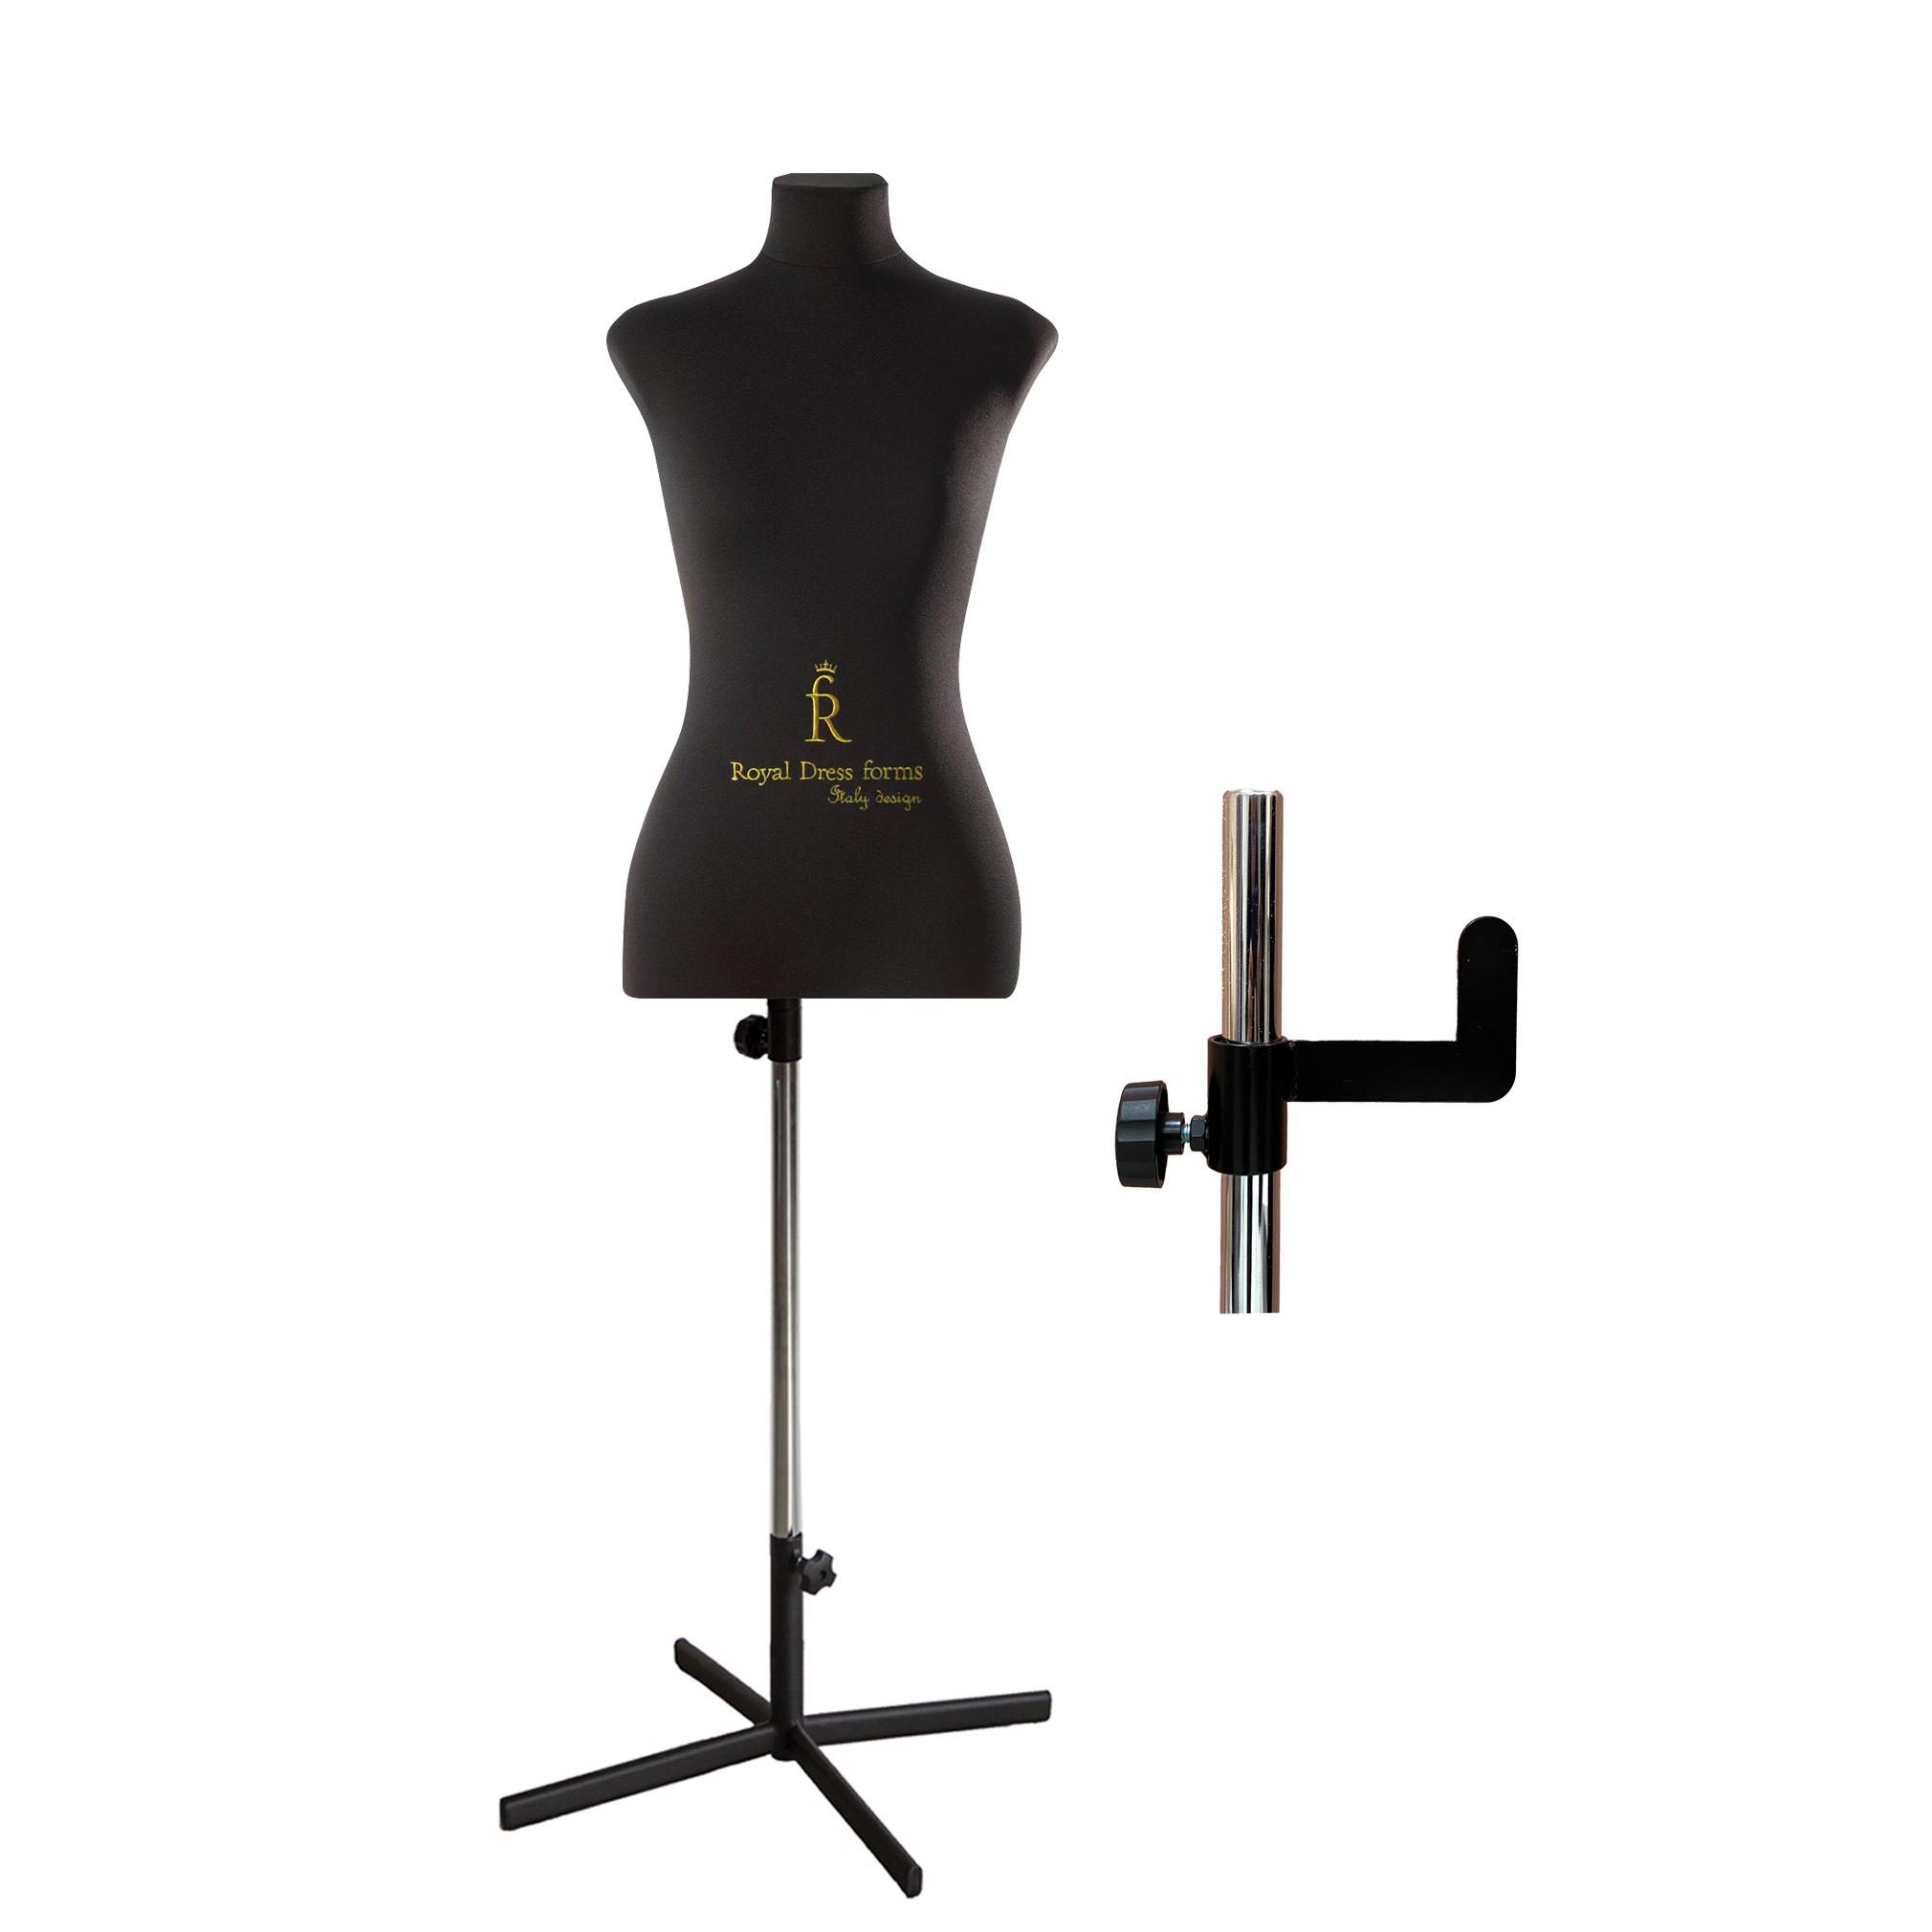 Манекен портновский Кристина, комплект Премиум, размер 40, цвет чёрный, в комплекте подставка